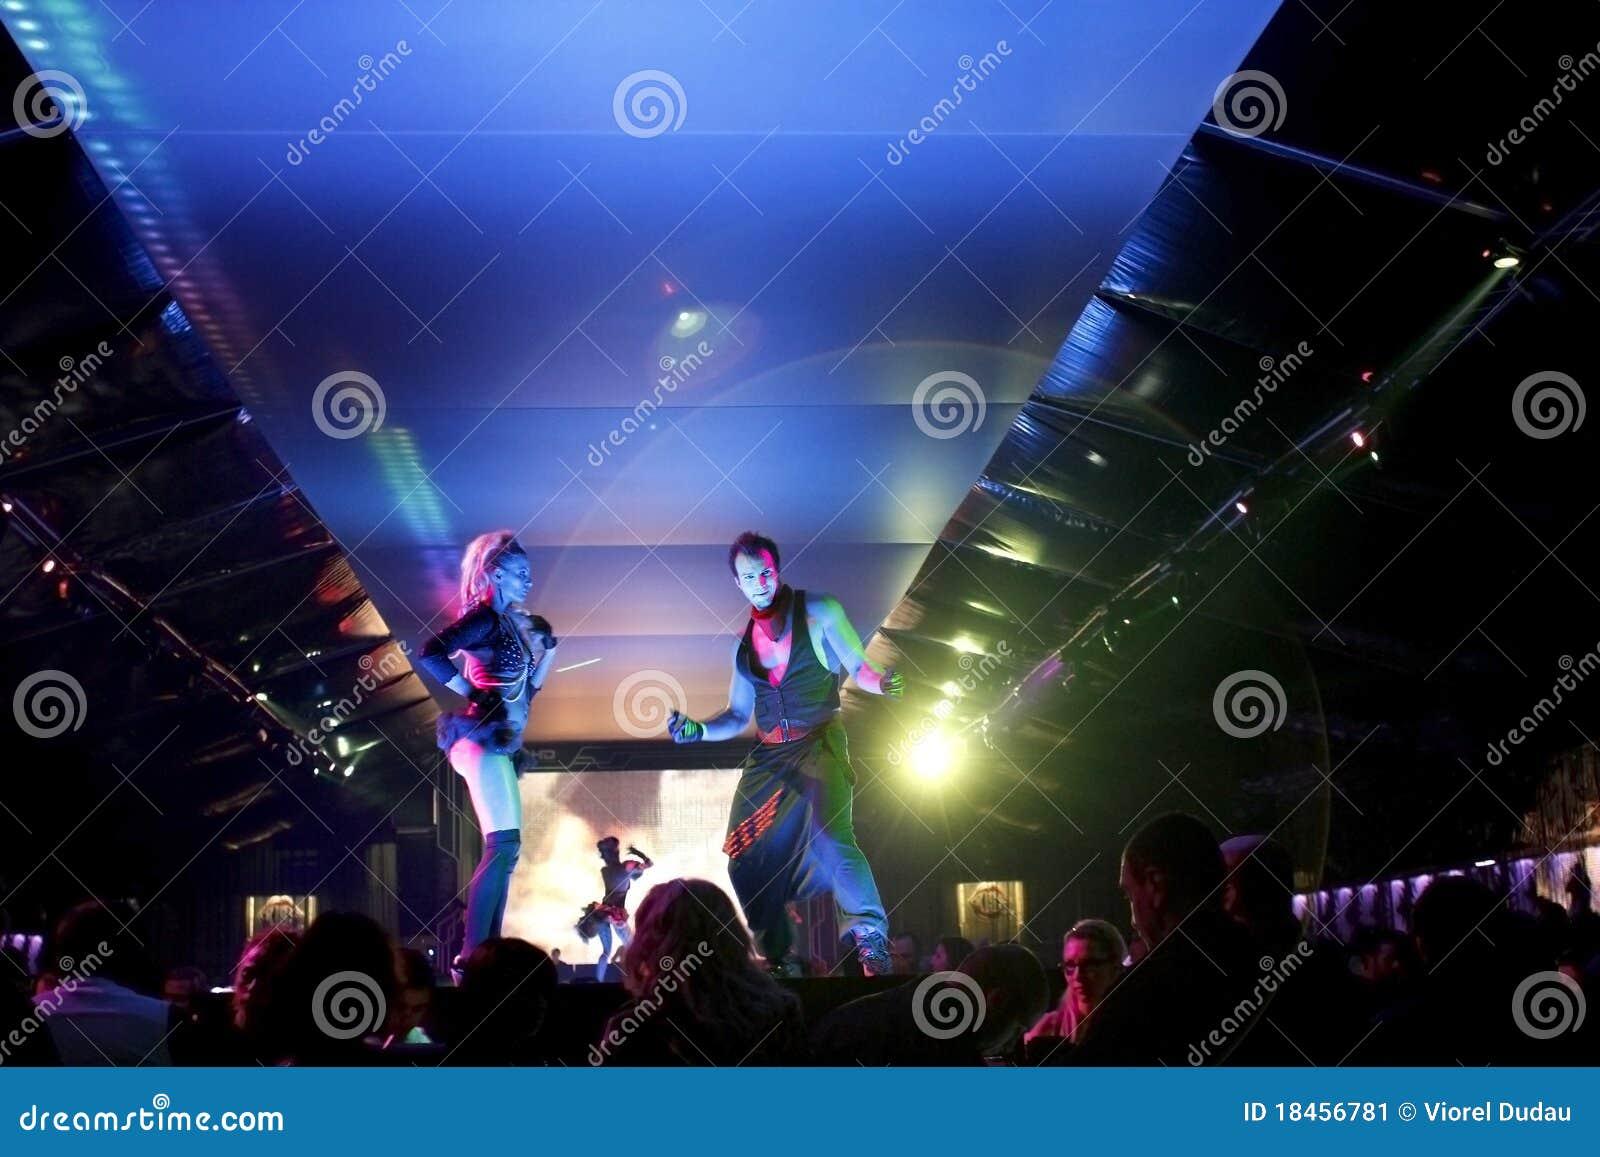 Cena do clube nocturno com mostra dos dançarinos e das luzes